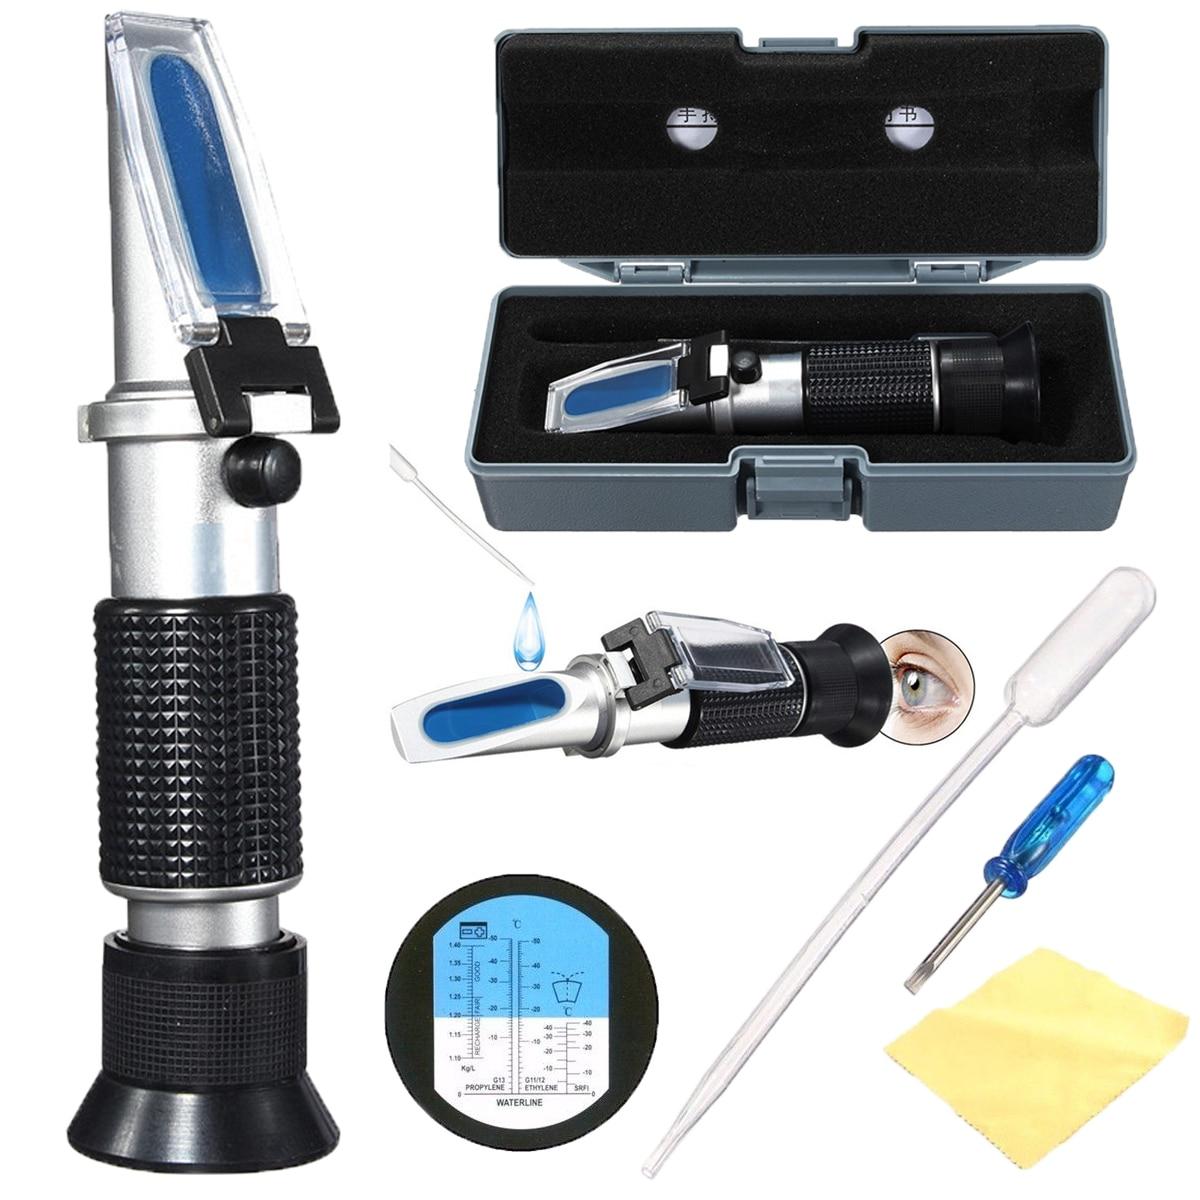 Poche Glycol Réfractomètre Voiture 1.10-1.40sg Antigel Batterie Acide liquide de Refroidissement Moteur Testeur Outil Auto Optique Instruments